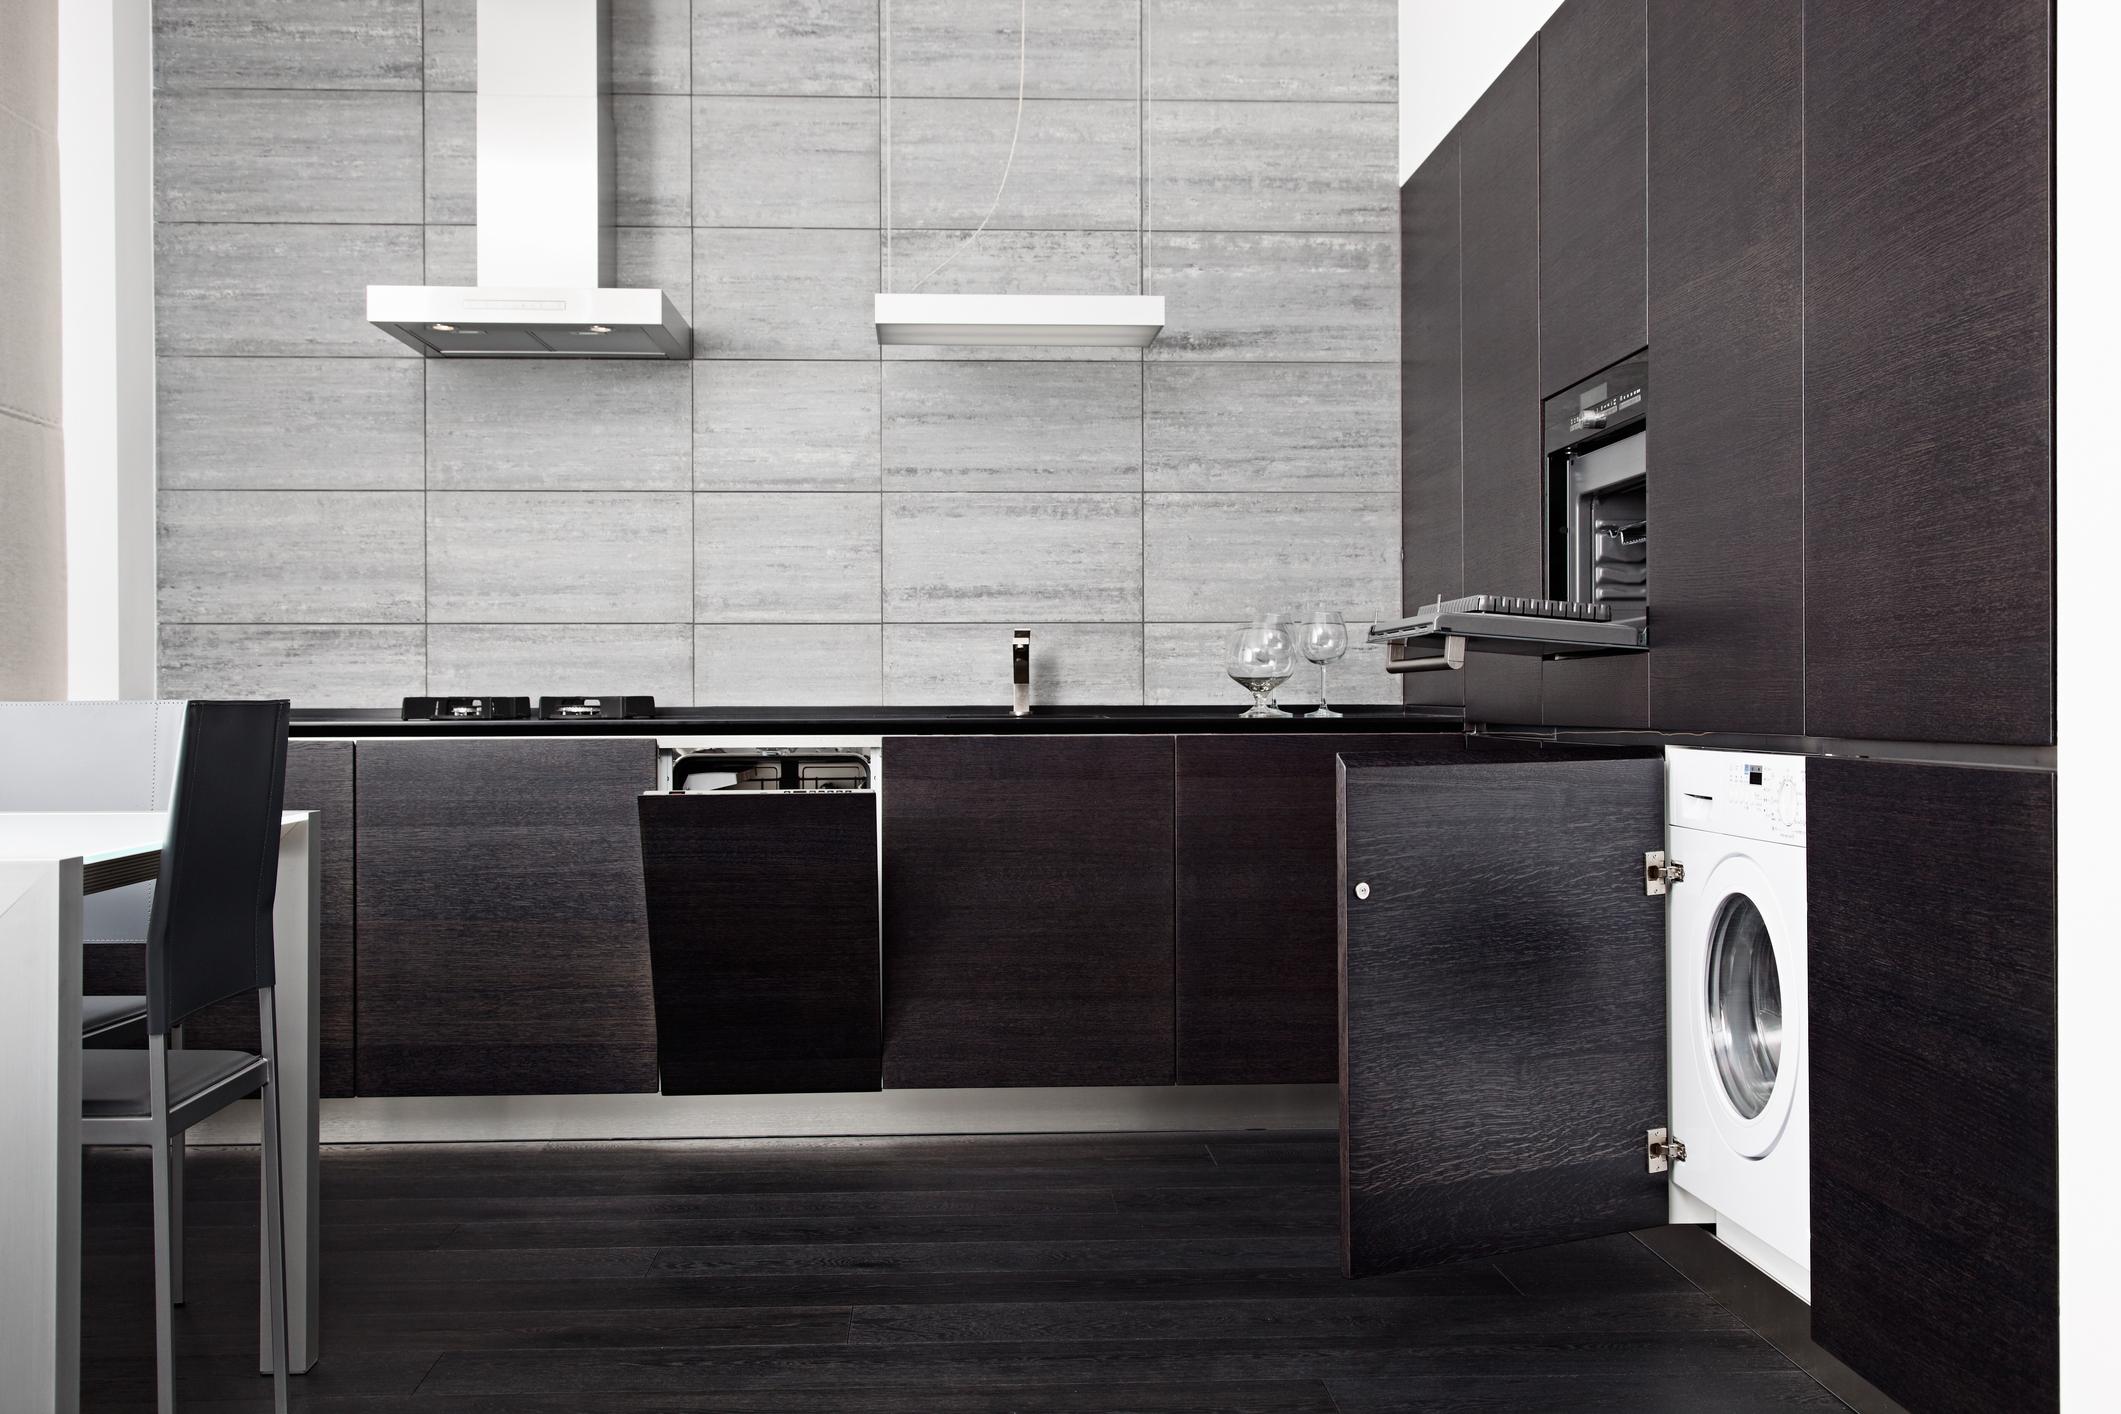 Lo spazio in casa per la lavatrice - Lavatrice cucina ...